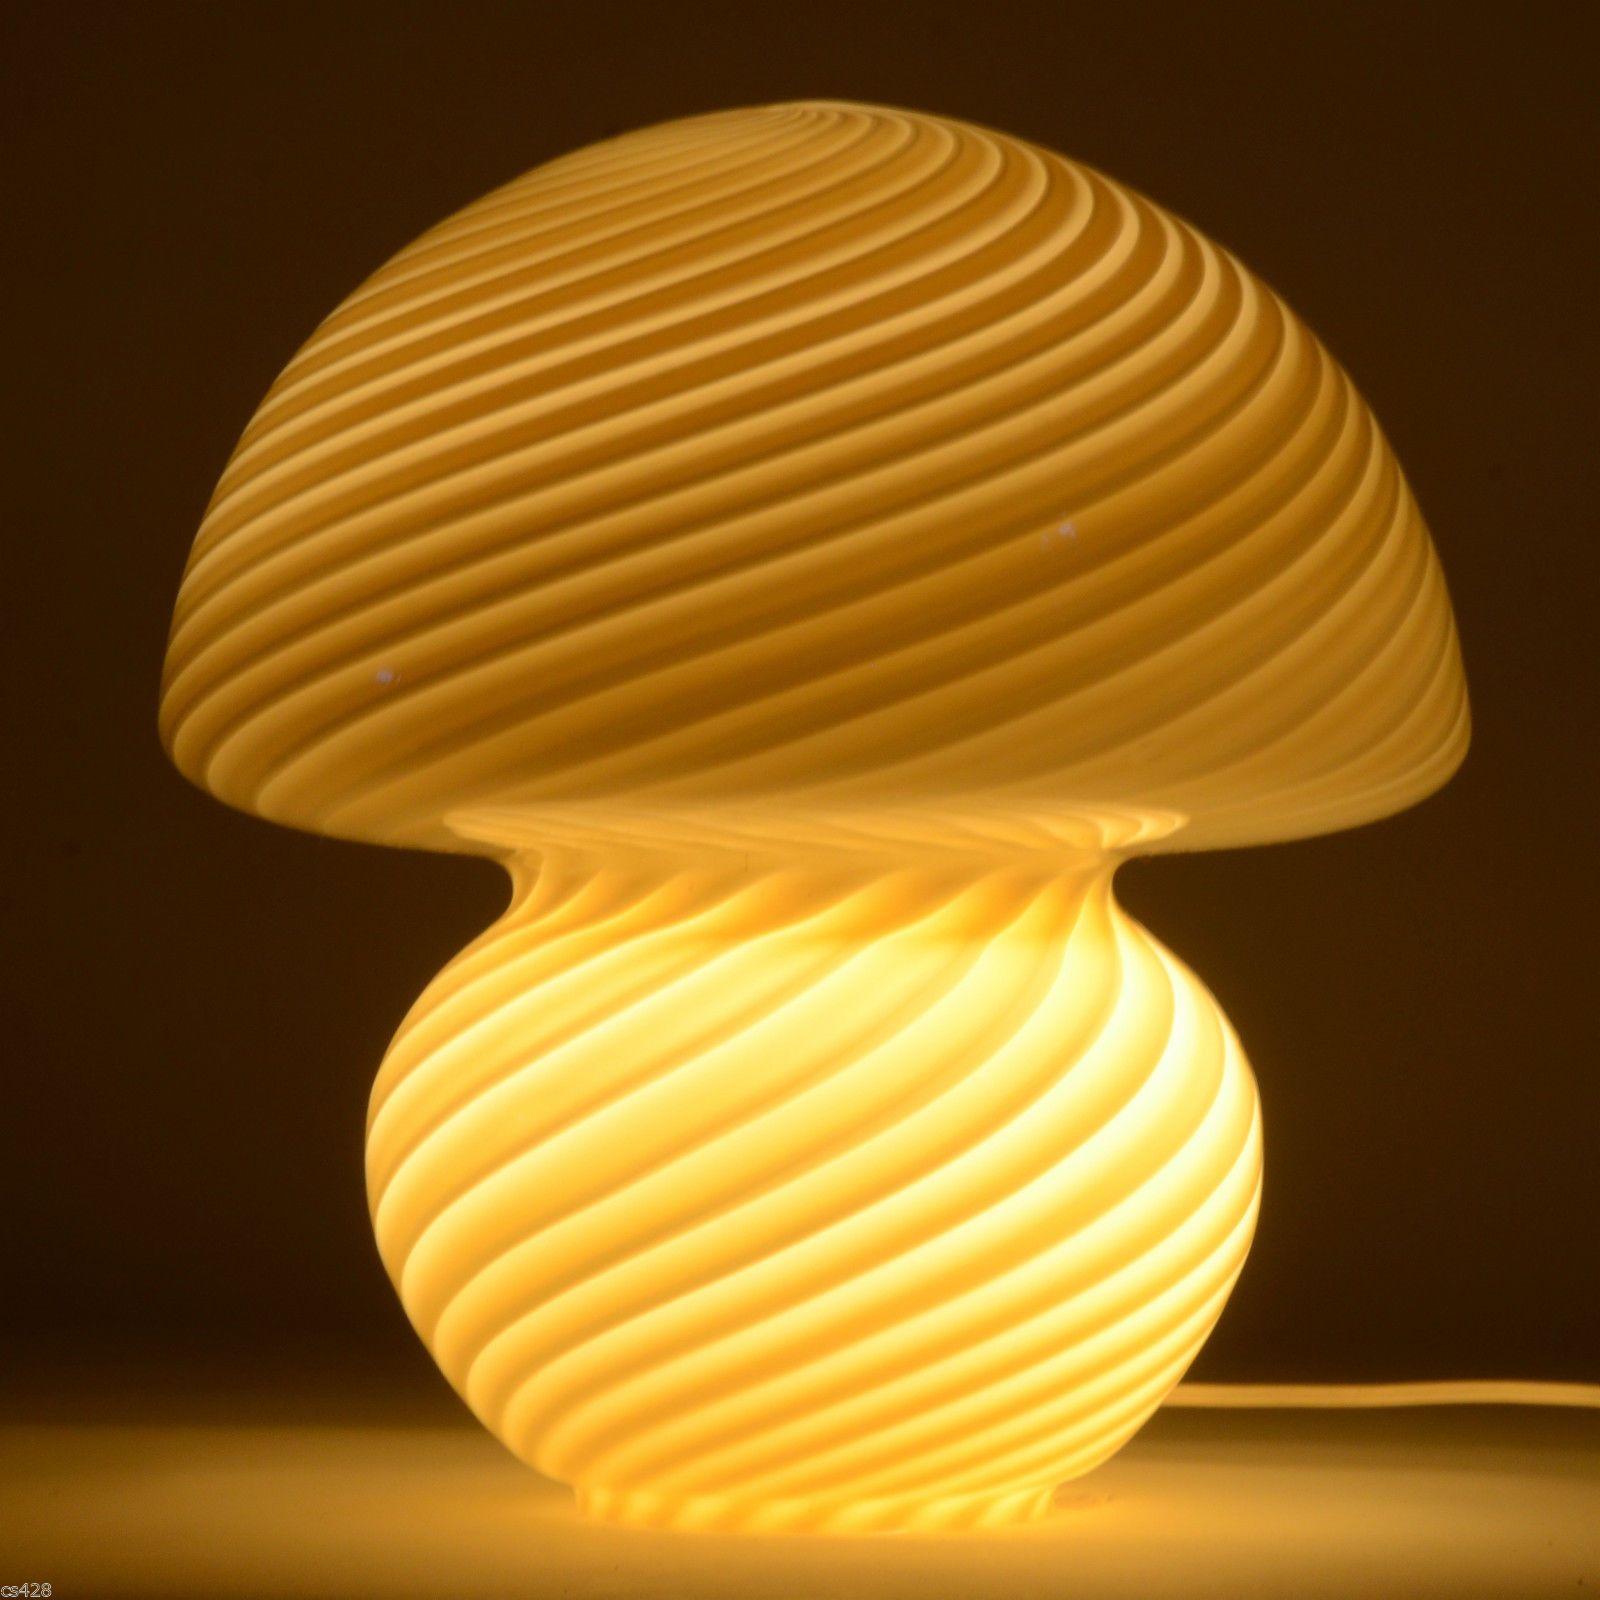 Great Murano Art Glass Mushroom Lamp